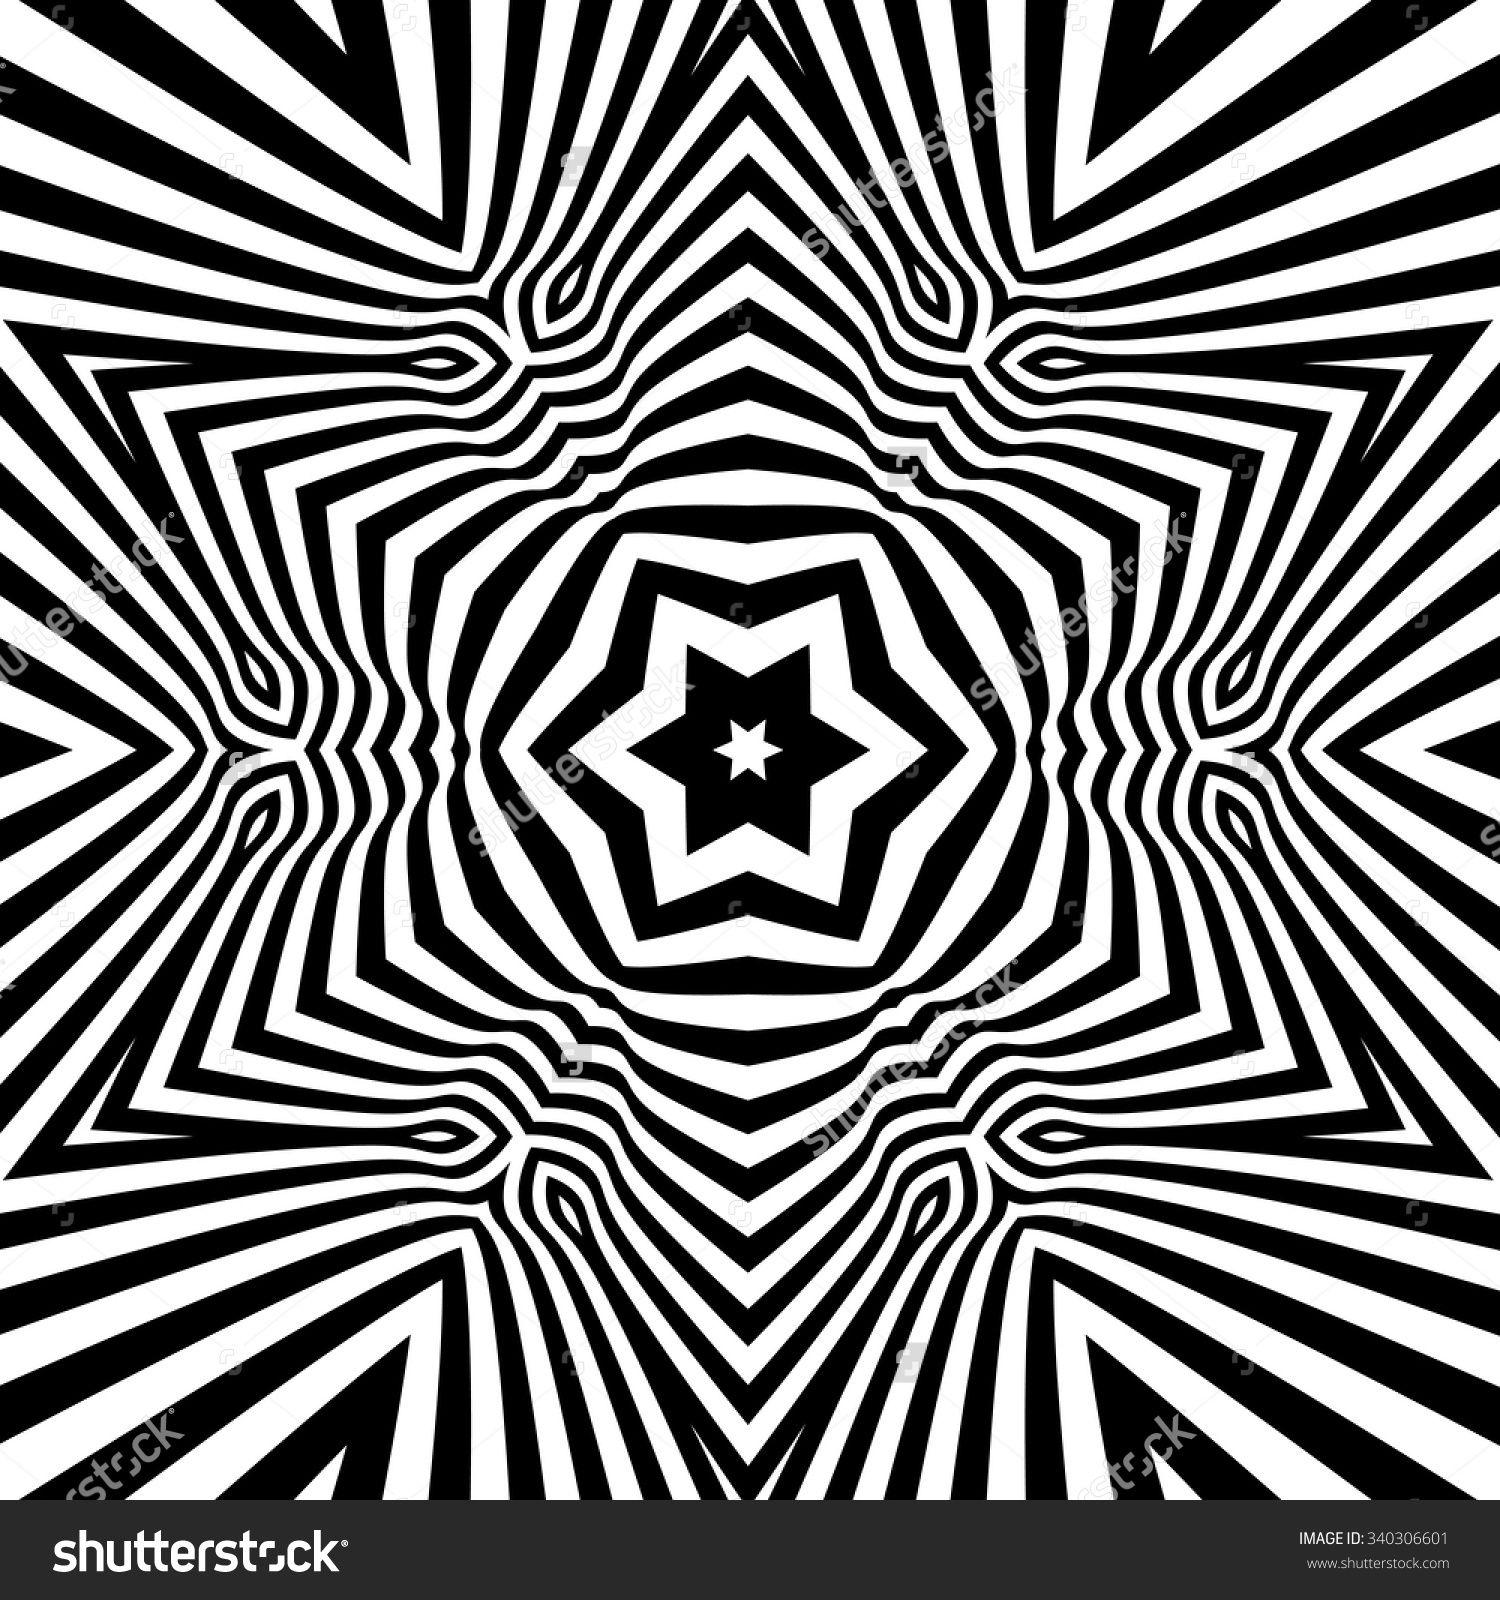 Black And White Abstract Striped Background Vector Illustration Mandalas Geometricas Periodo Geometrico Arte De La Ilusion Optica